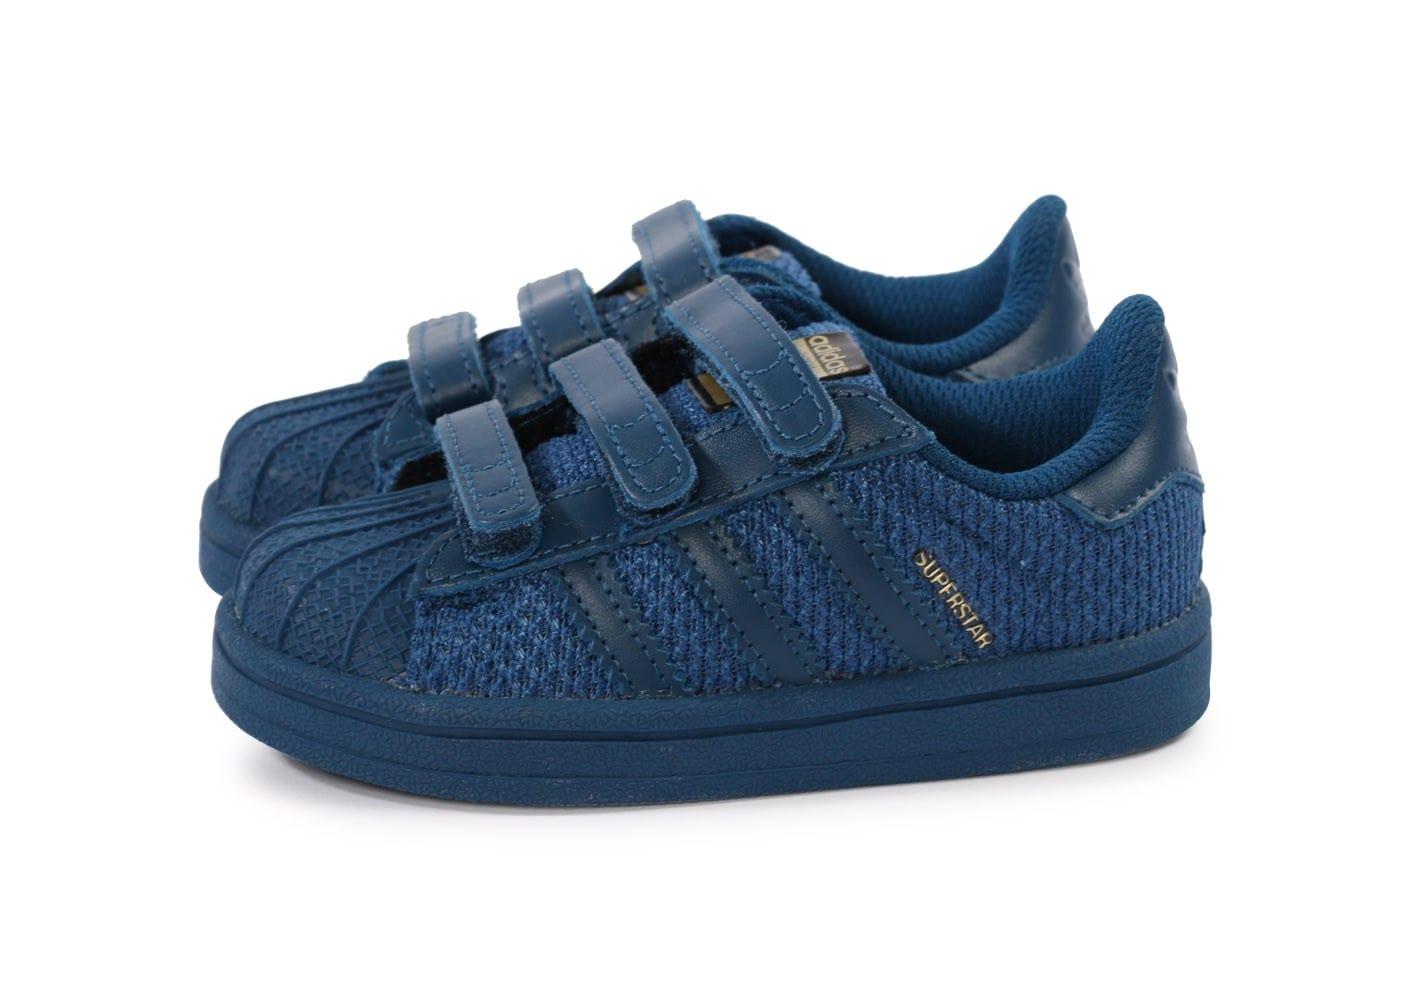 meilleur authentique cfaac 8f3ac adidas superstar nylon bleu - www.tasapisitargemaks.eu